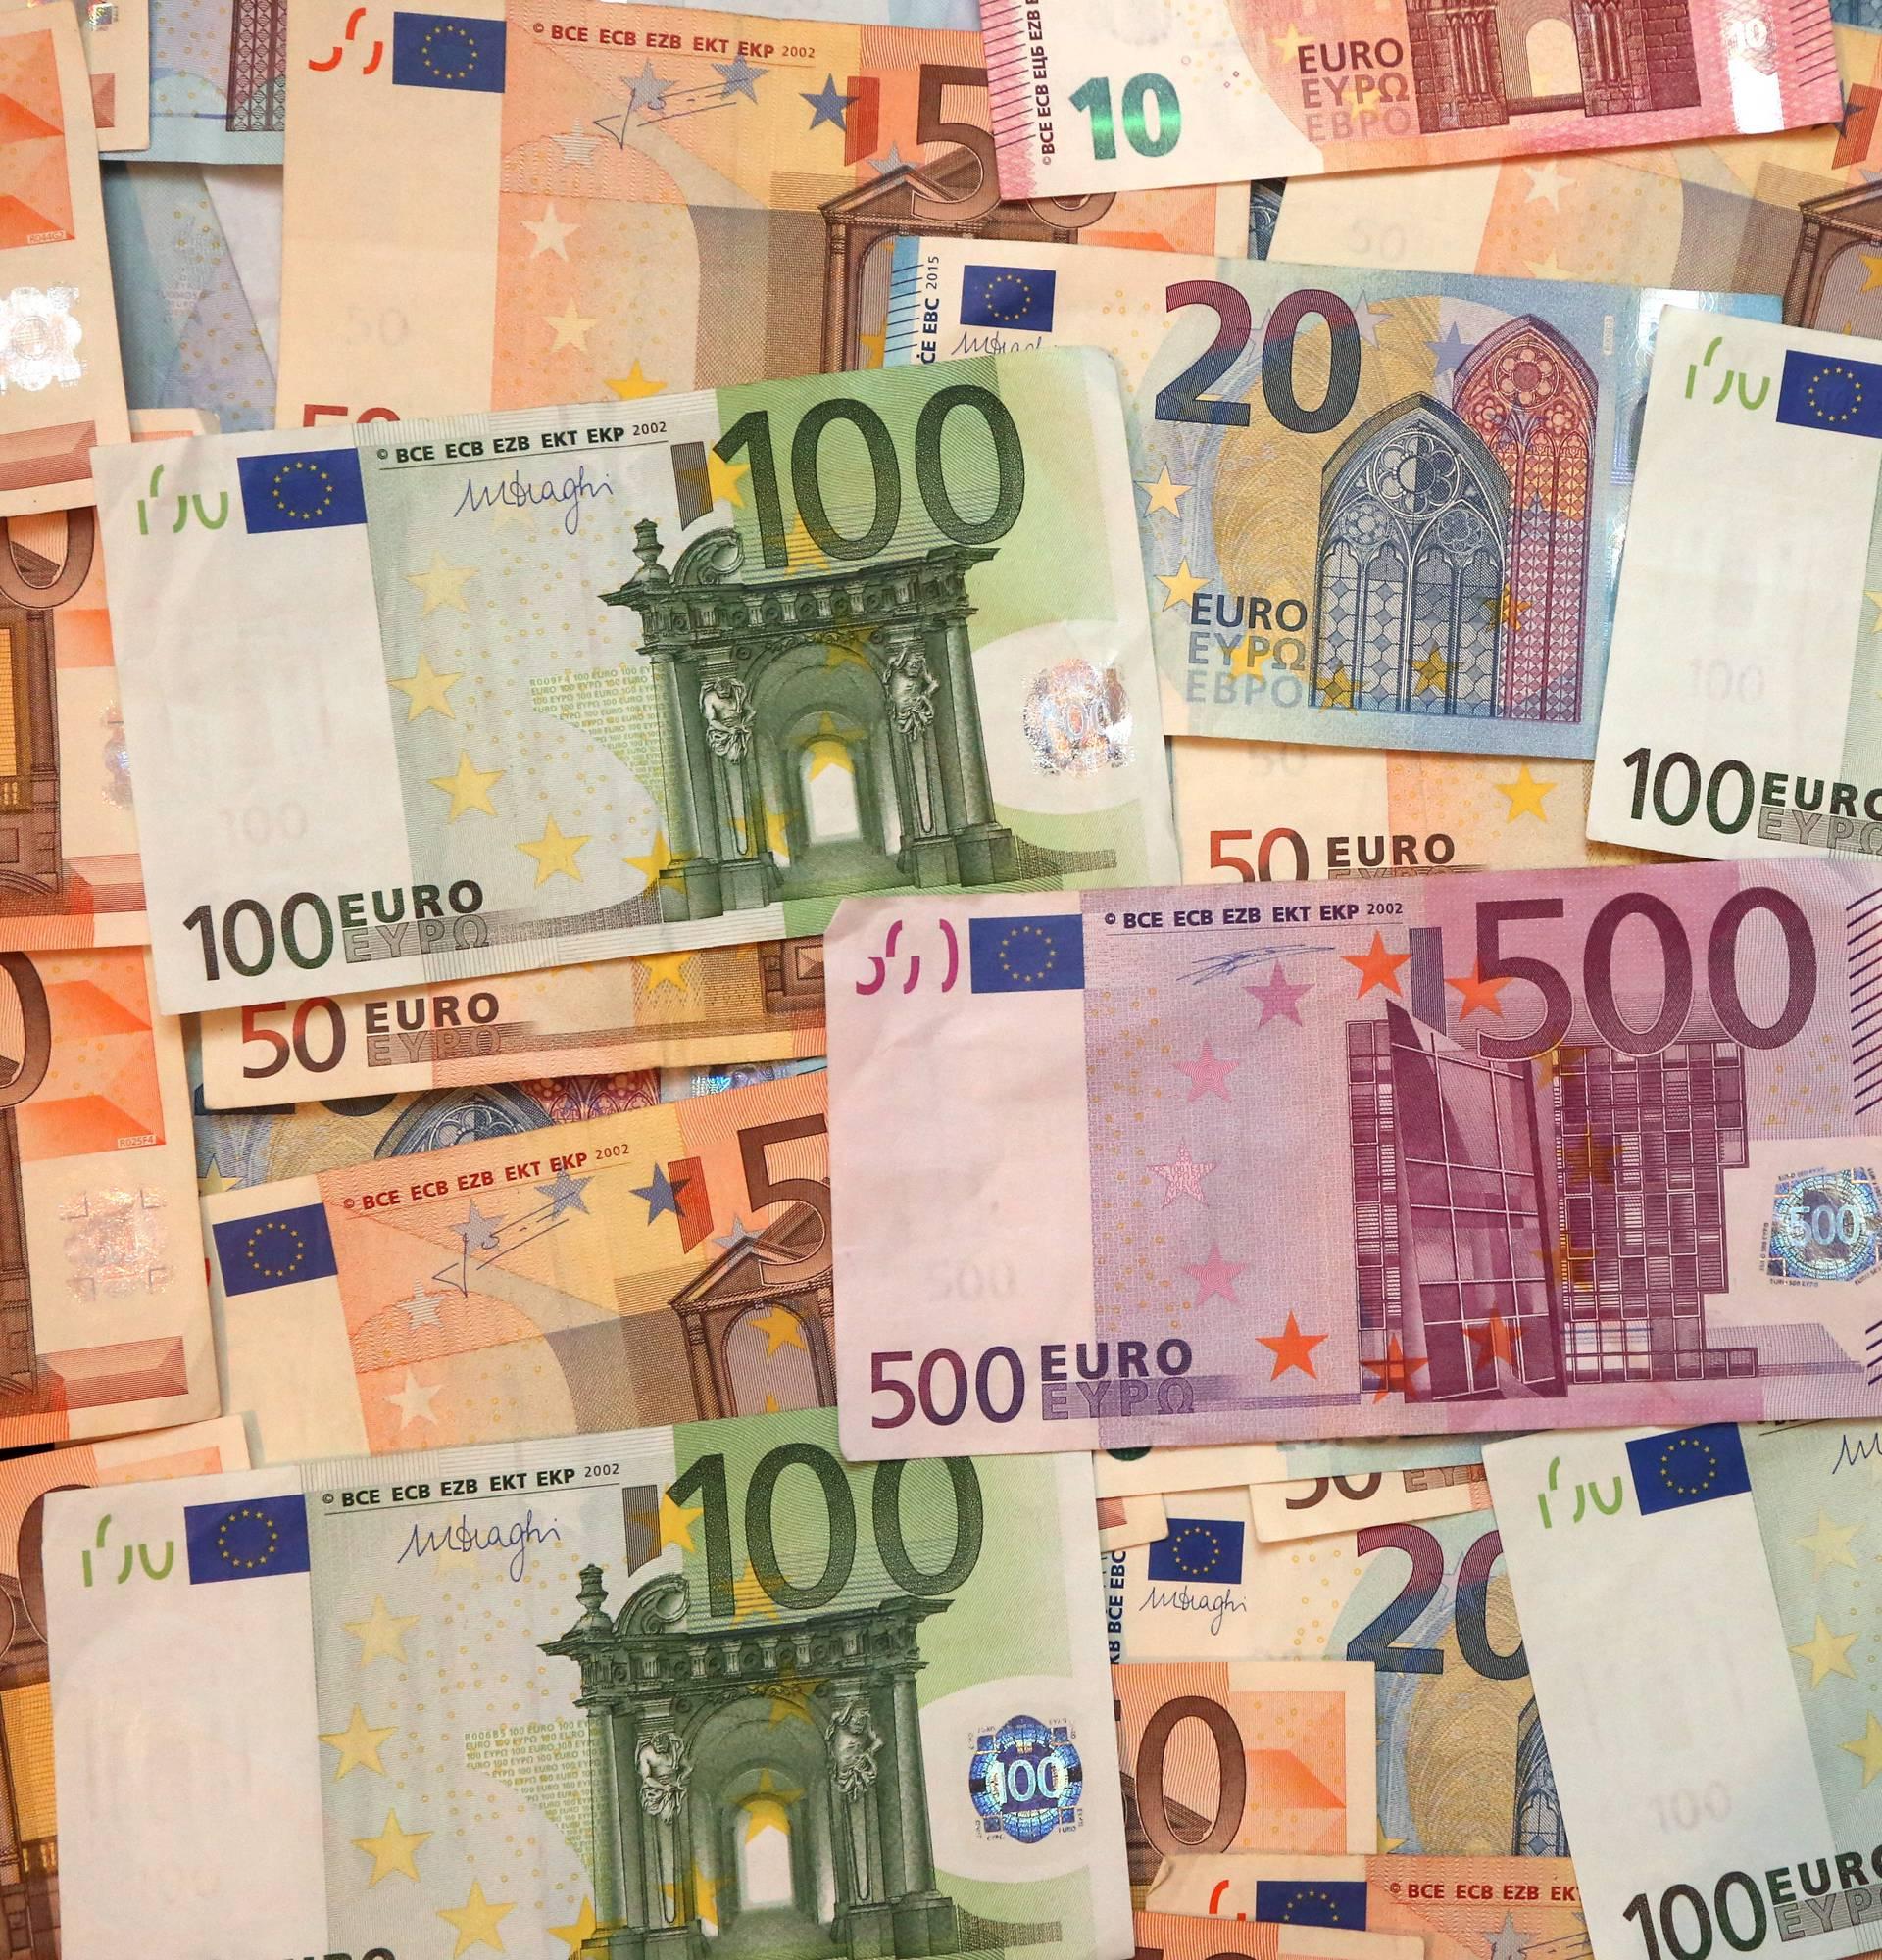 Skandal u njemačkoj 'nestale' su gotovo dvije milijarde eura